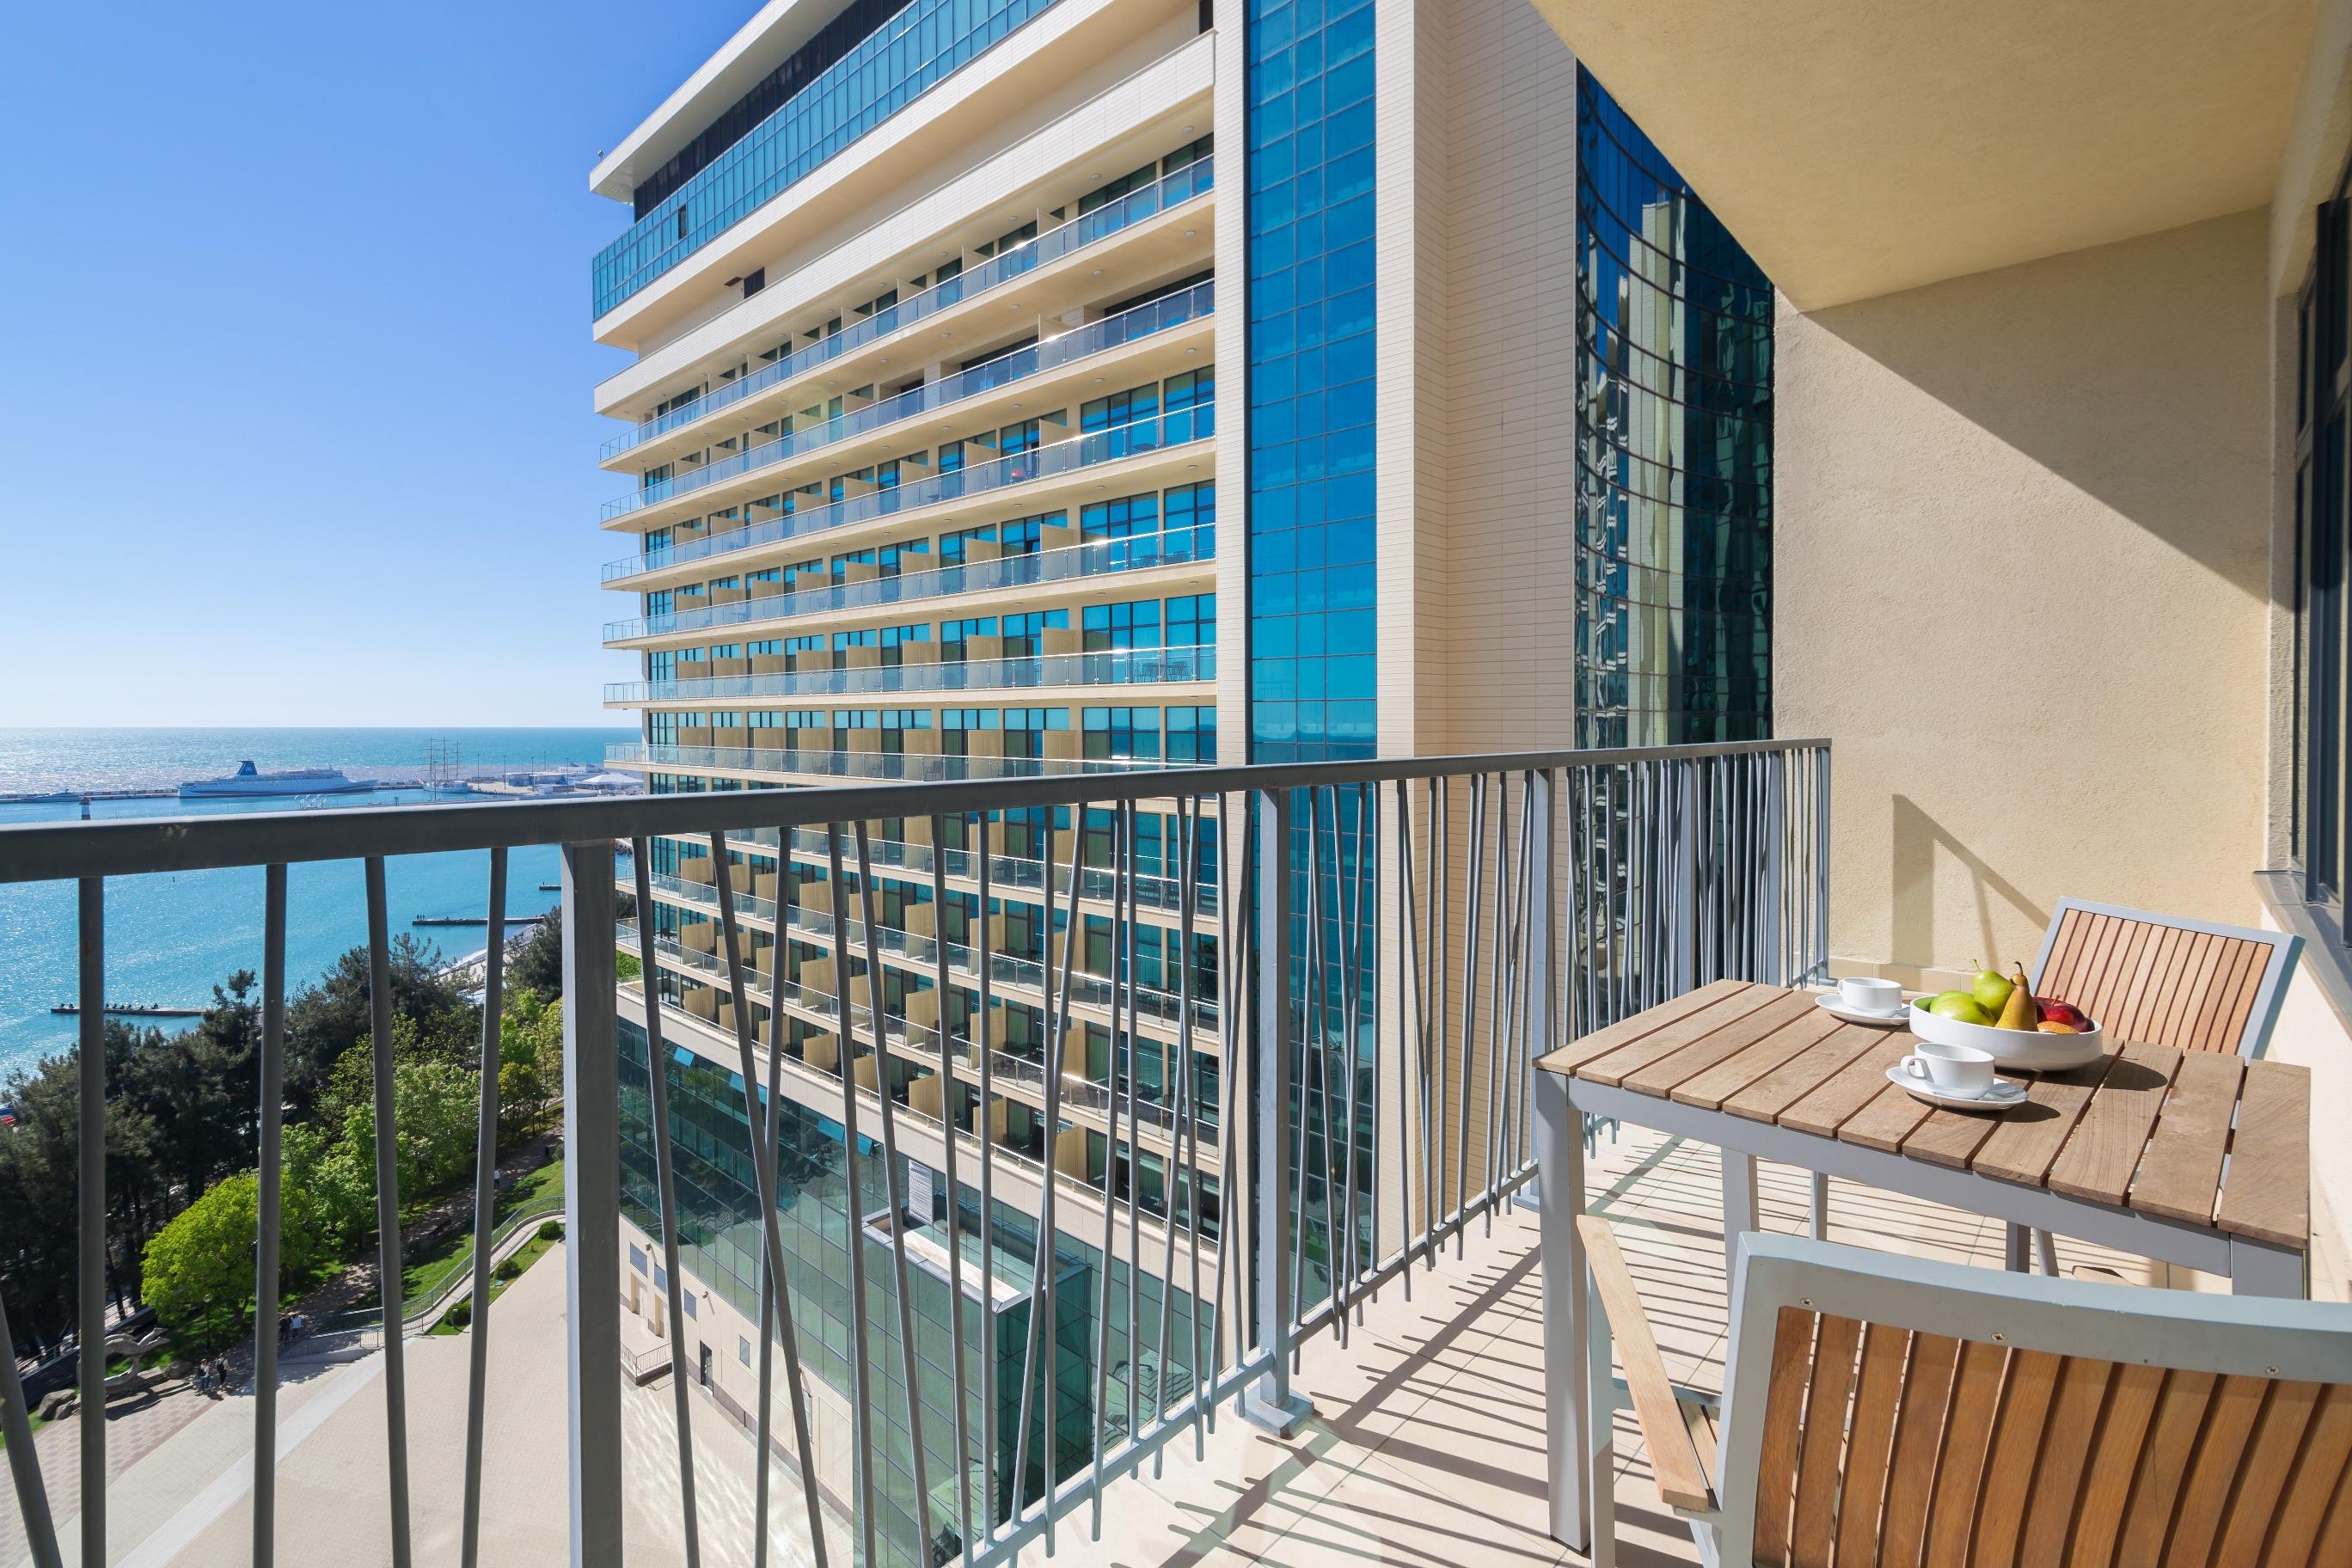 Апарт-отель Бревис (Brevis),Апартаменты с одной спальней, вид на море